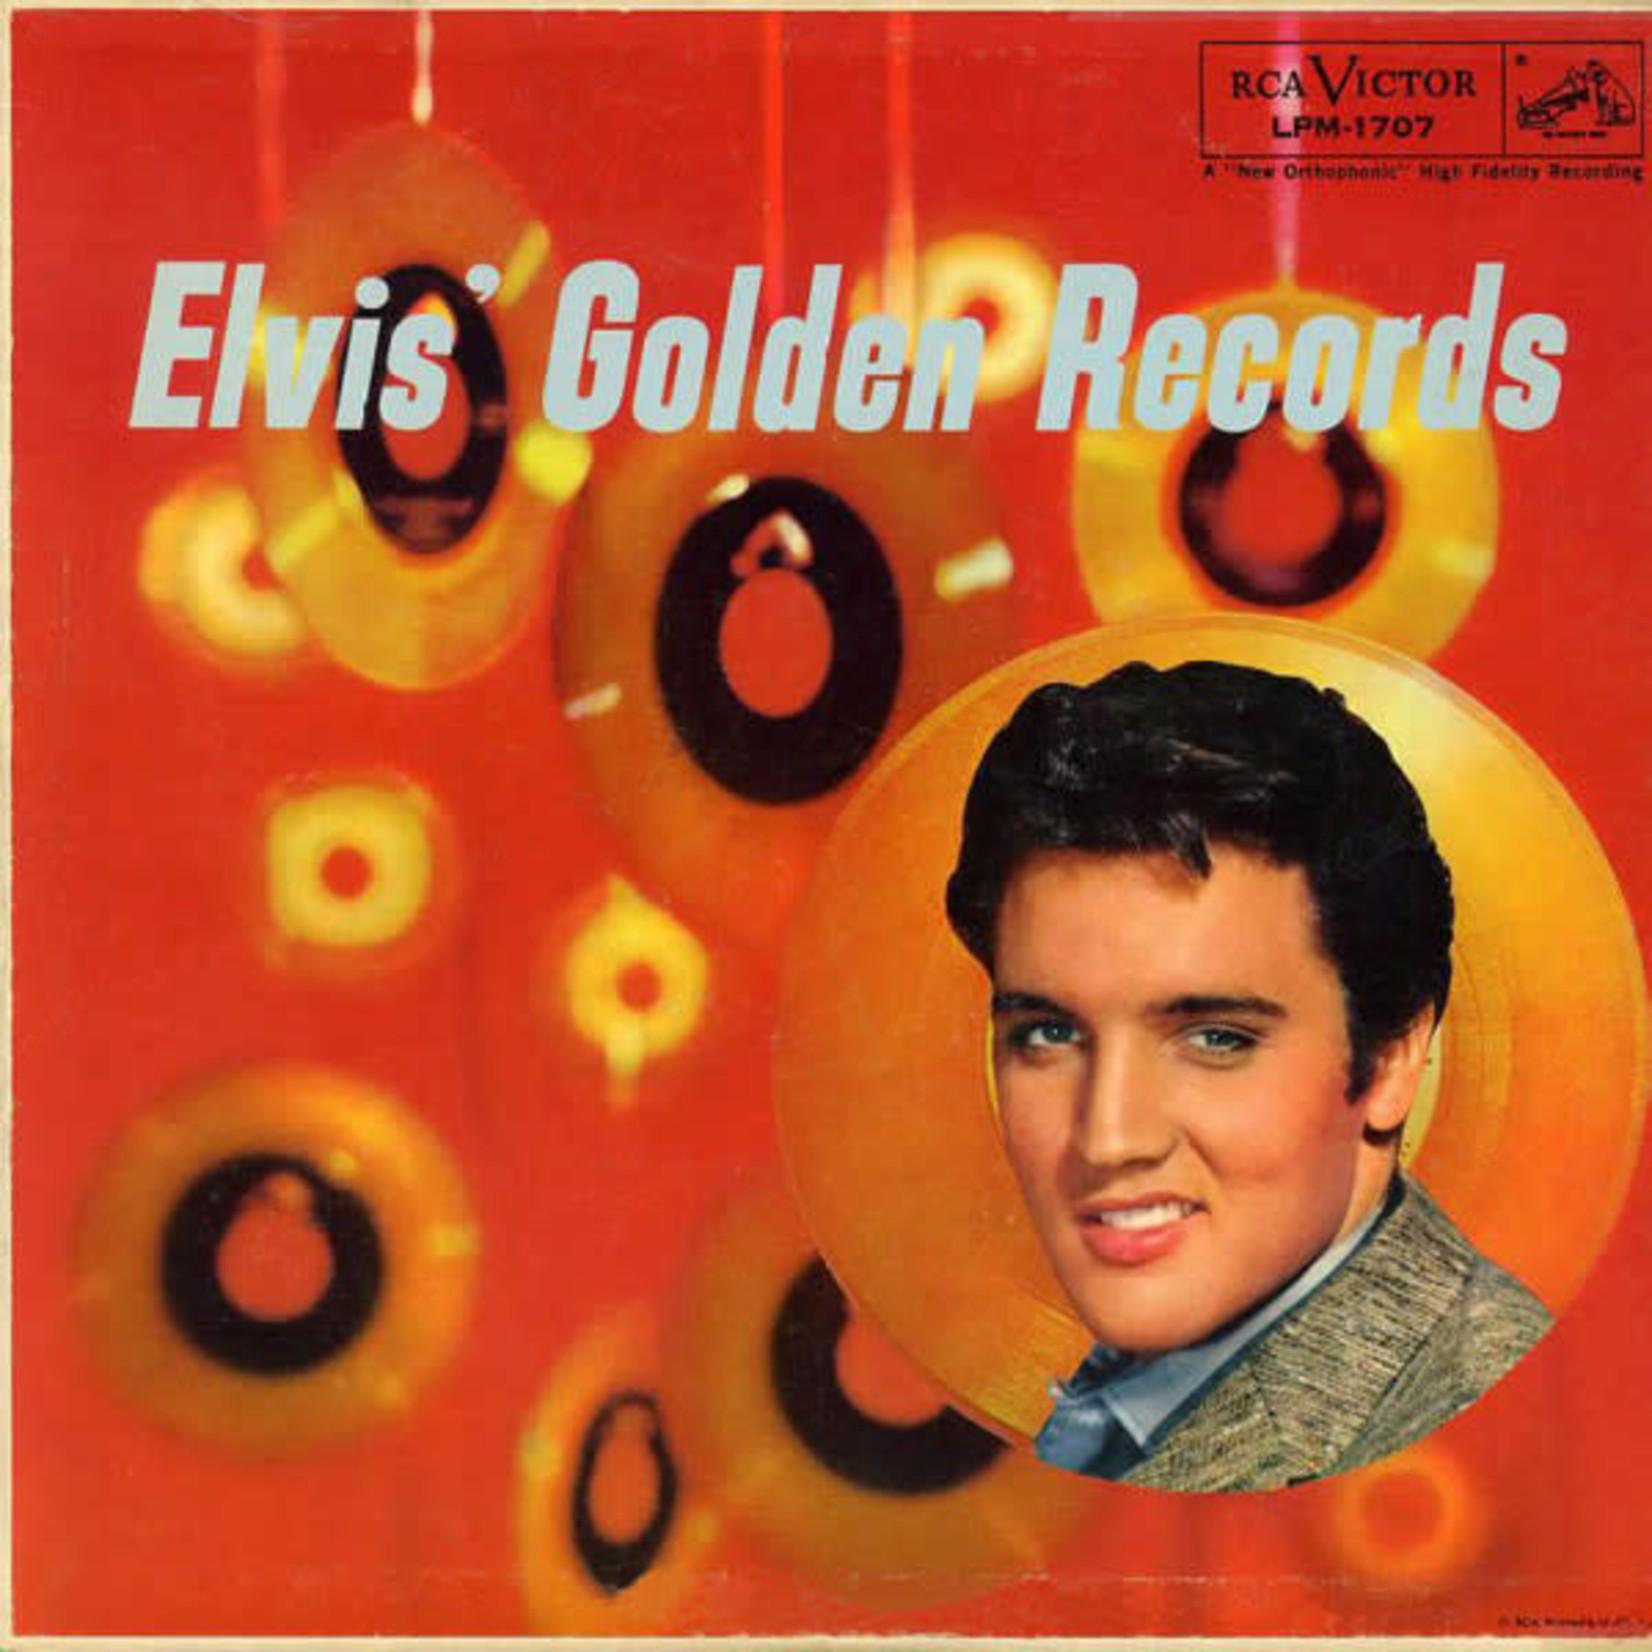 [Vintage] Presley, Elvis: Golden Records